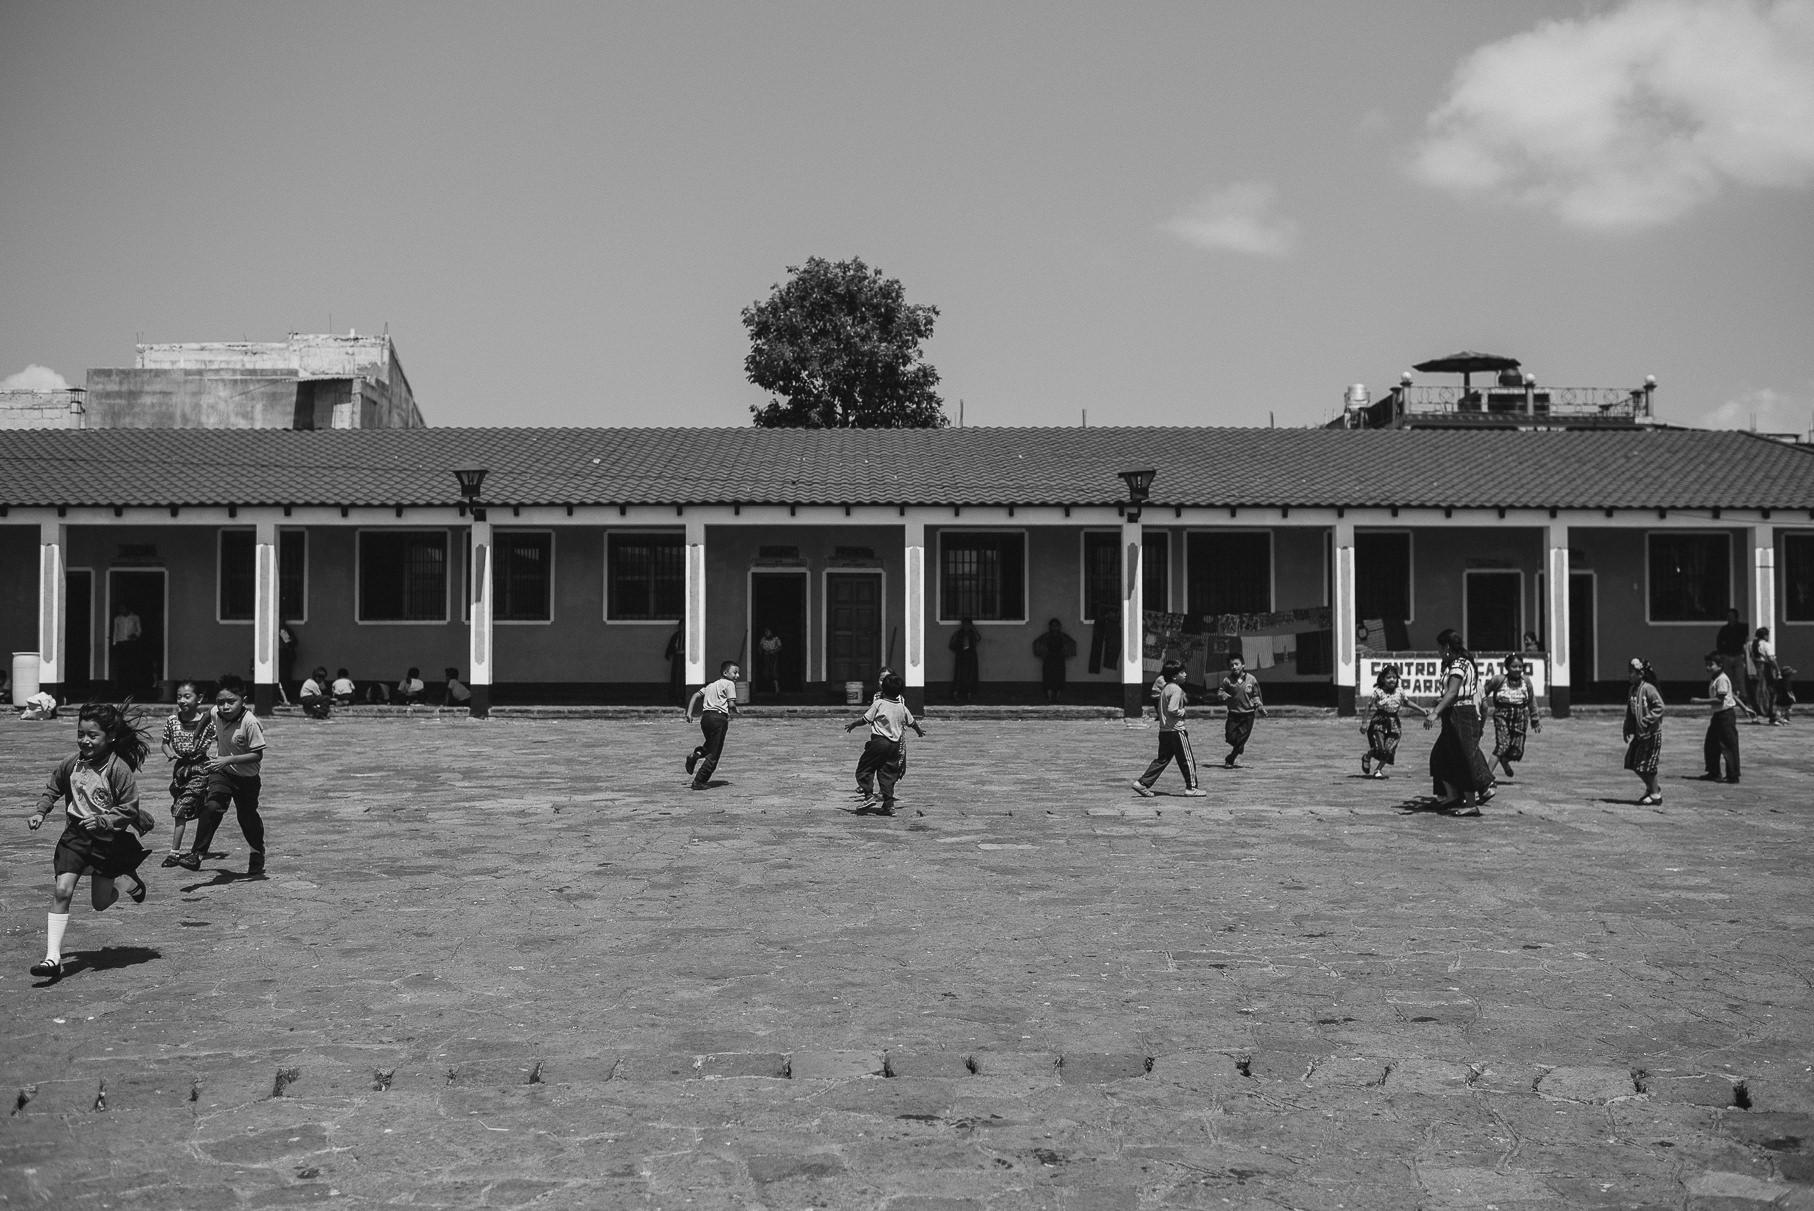 0168 anne und bjoern guatemala d75 4269 - 4 Wochen durch Guatemala - backpacking durch Mittelamerika